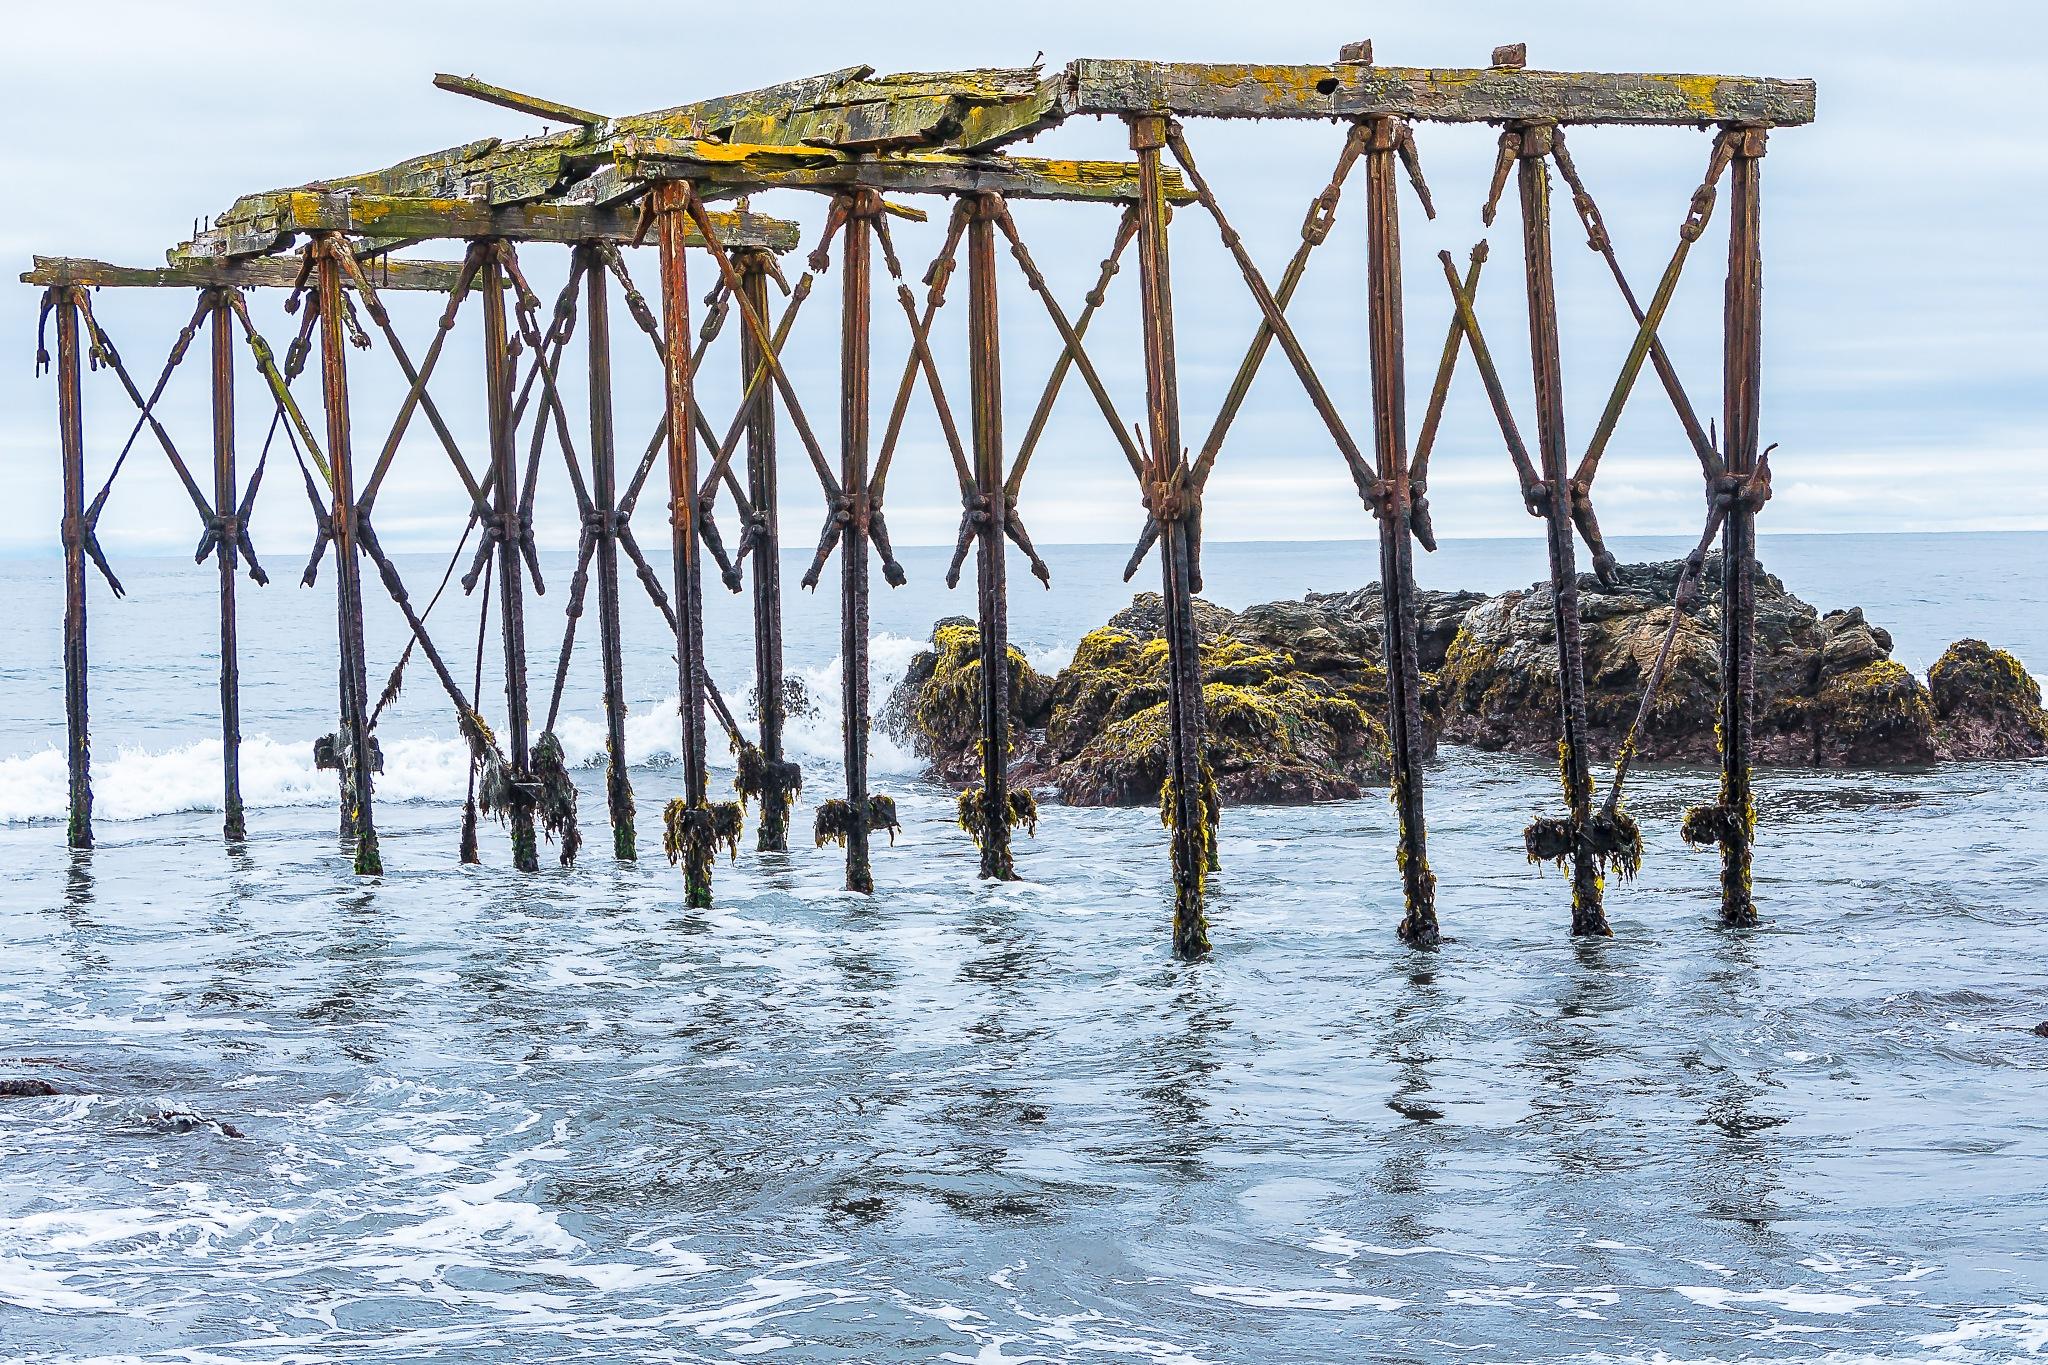 Muelle de LLico by ecamus